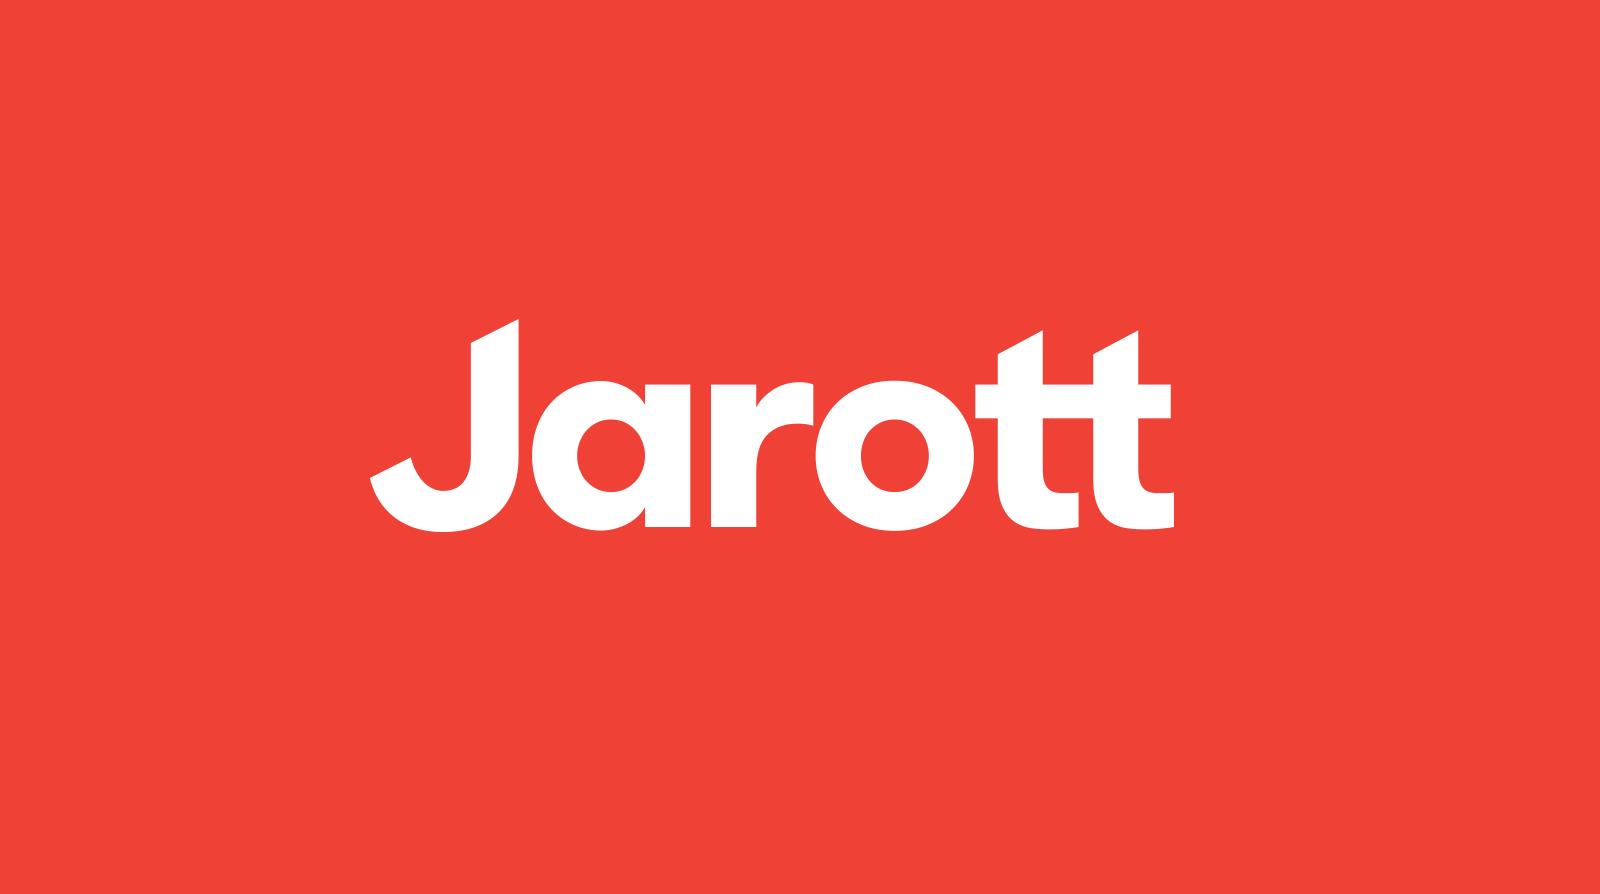 Jarott logo